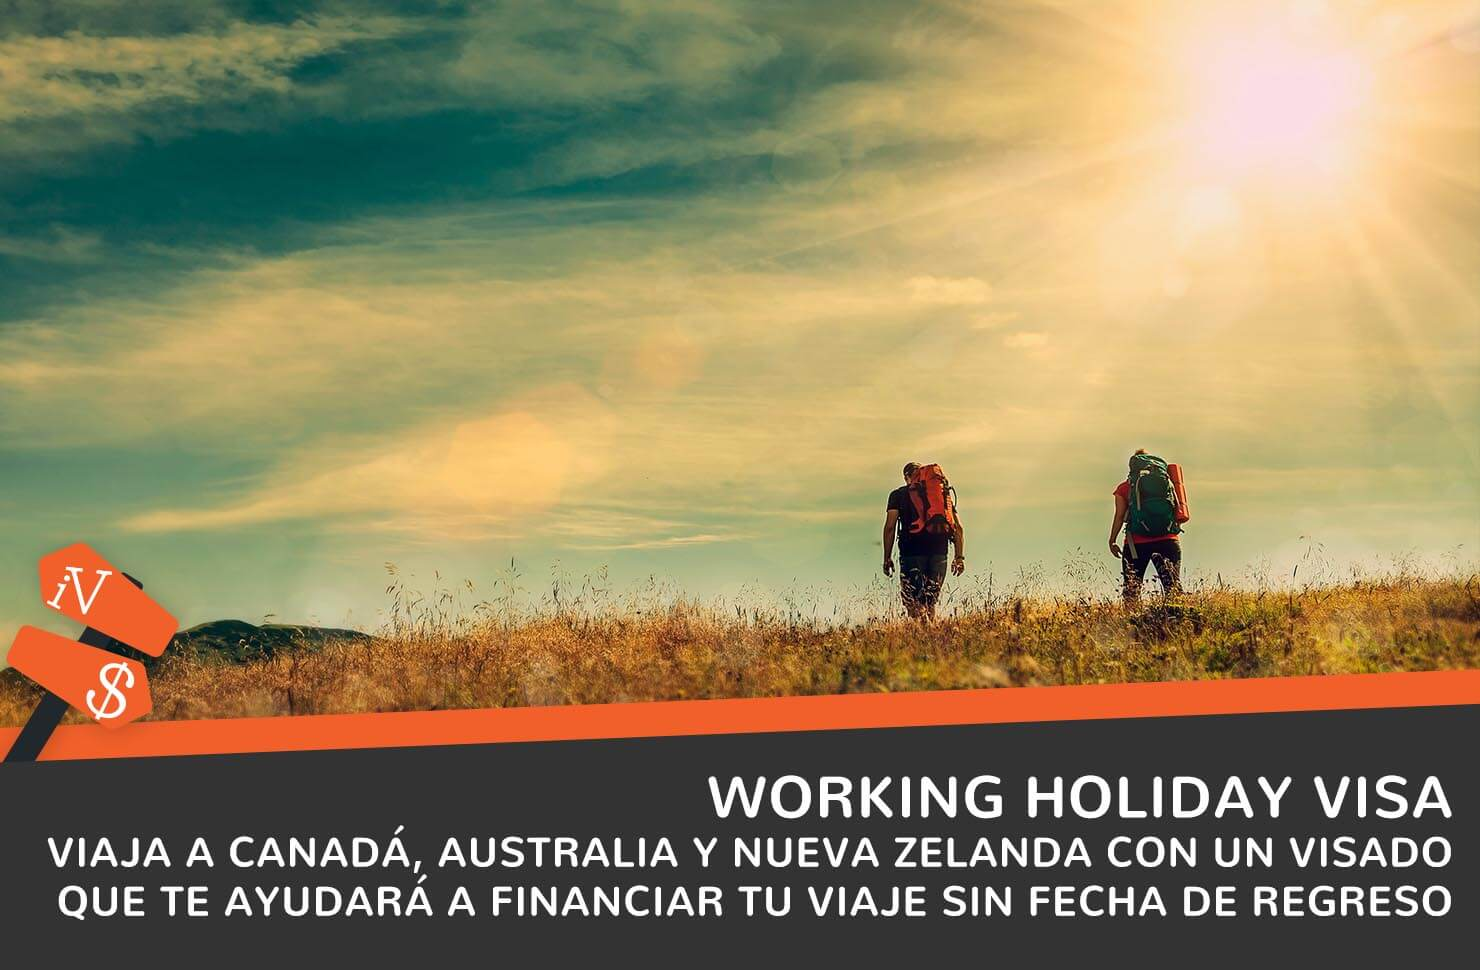 Working Holiday Visa 2018: viaja a Canadá, Australia y Nueva Zelanda